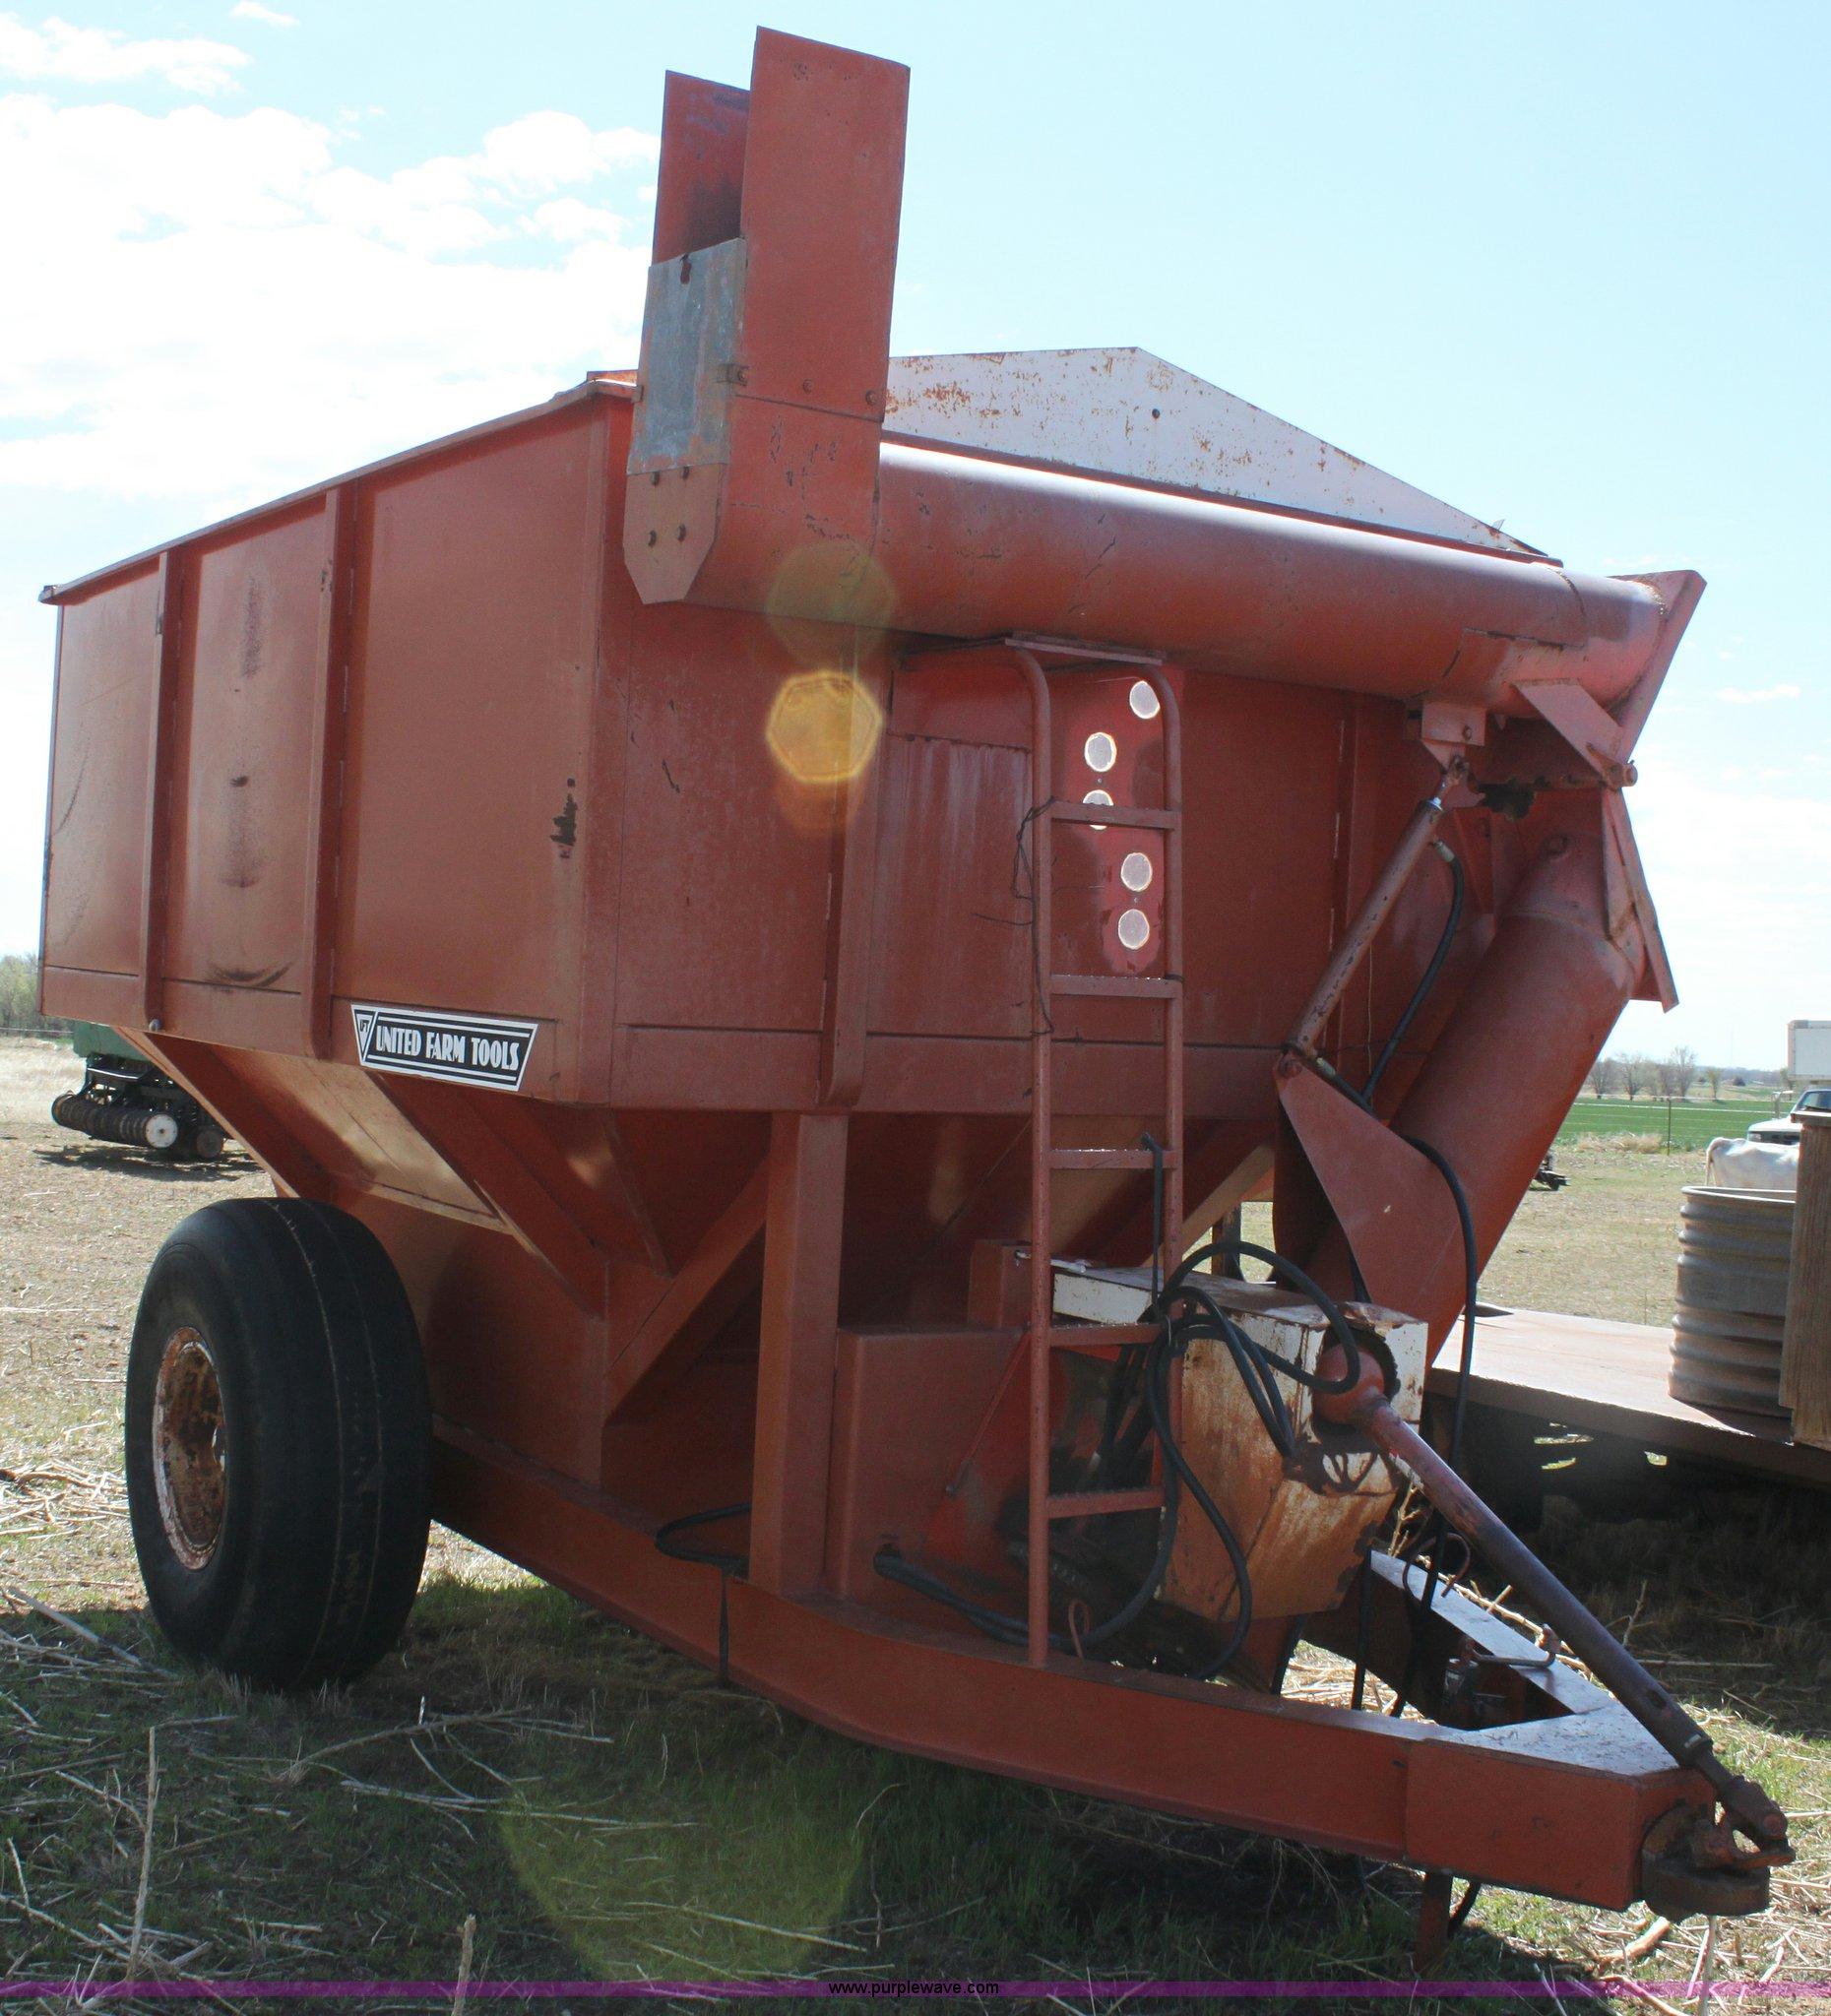 ... United Farm Tools 444 grain cart Full size in new window ...